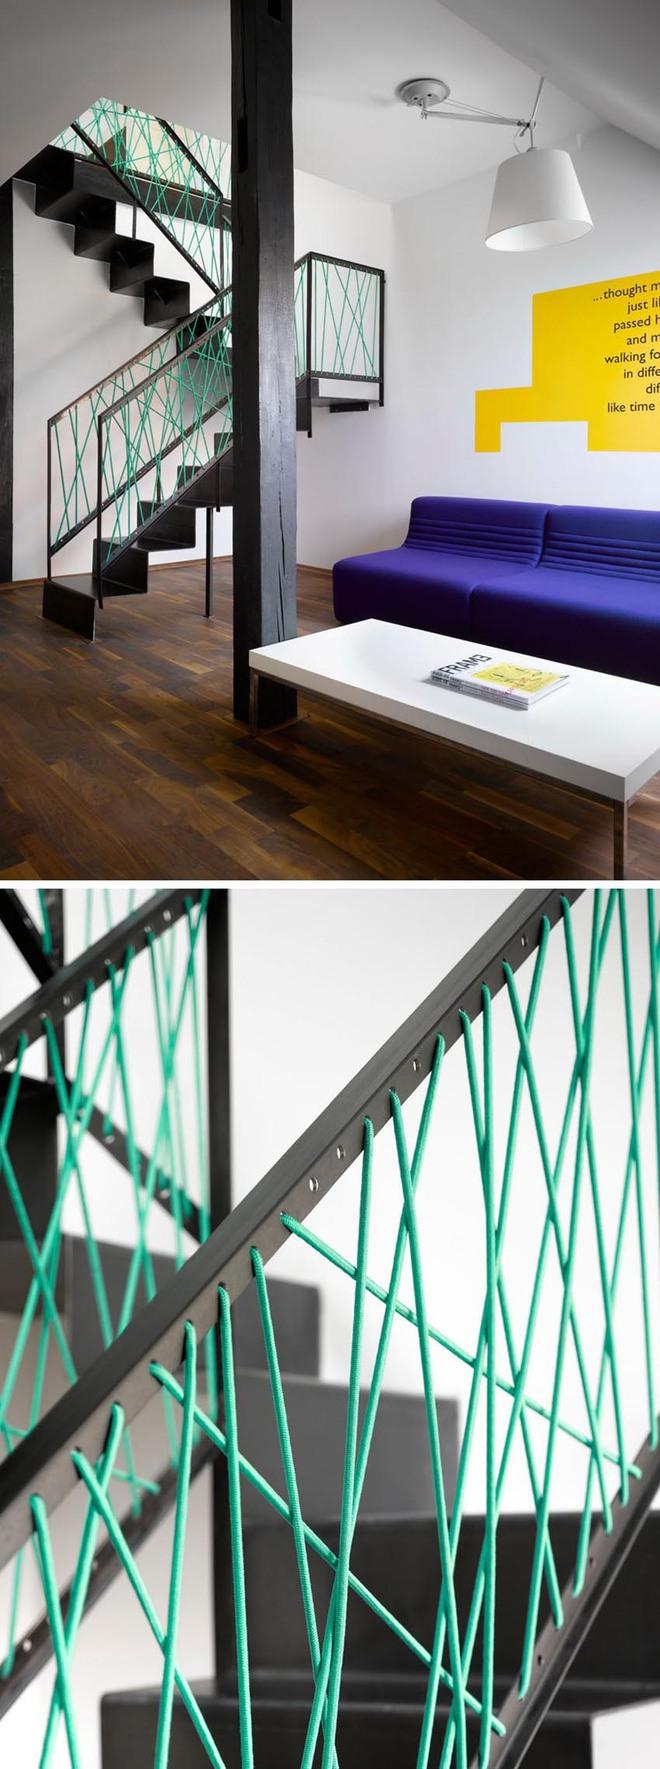 Không gian sống của gia đình thêm đẹp với mẫu cầu thang dây vô cùng độc đáo - Ảnh 2.